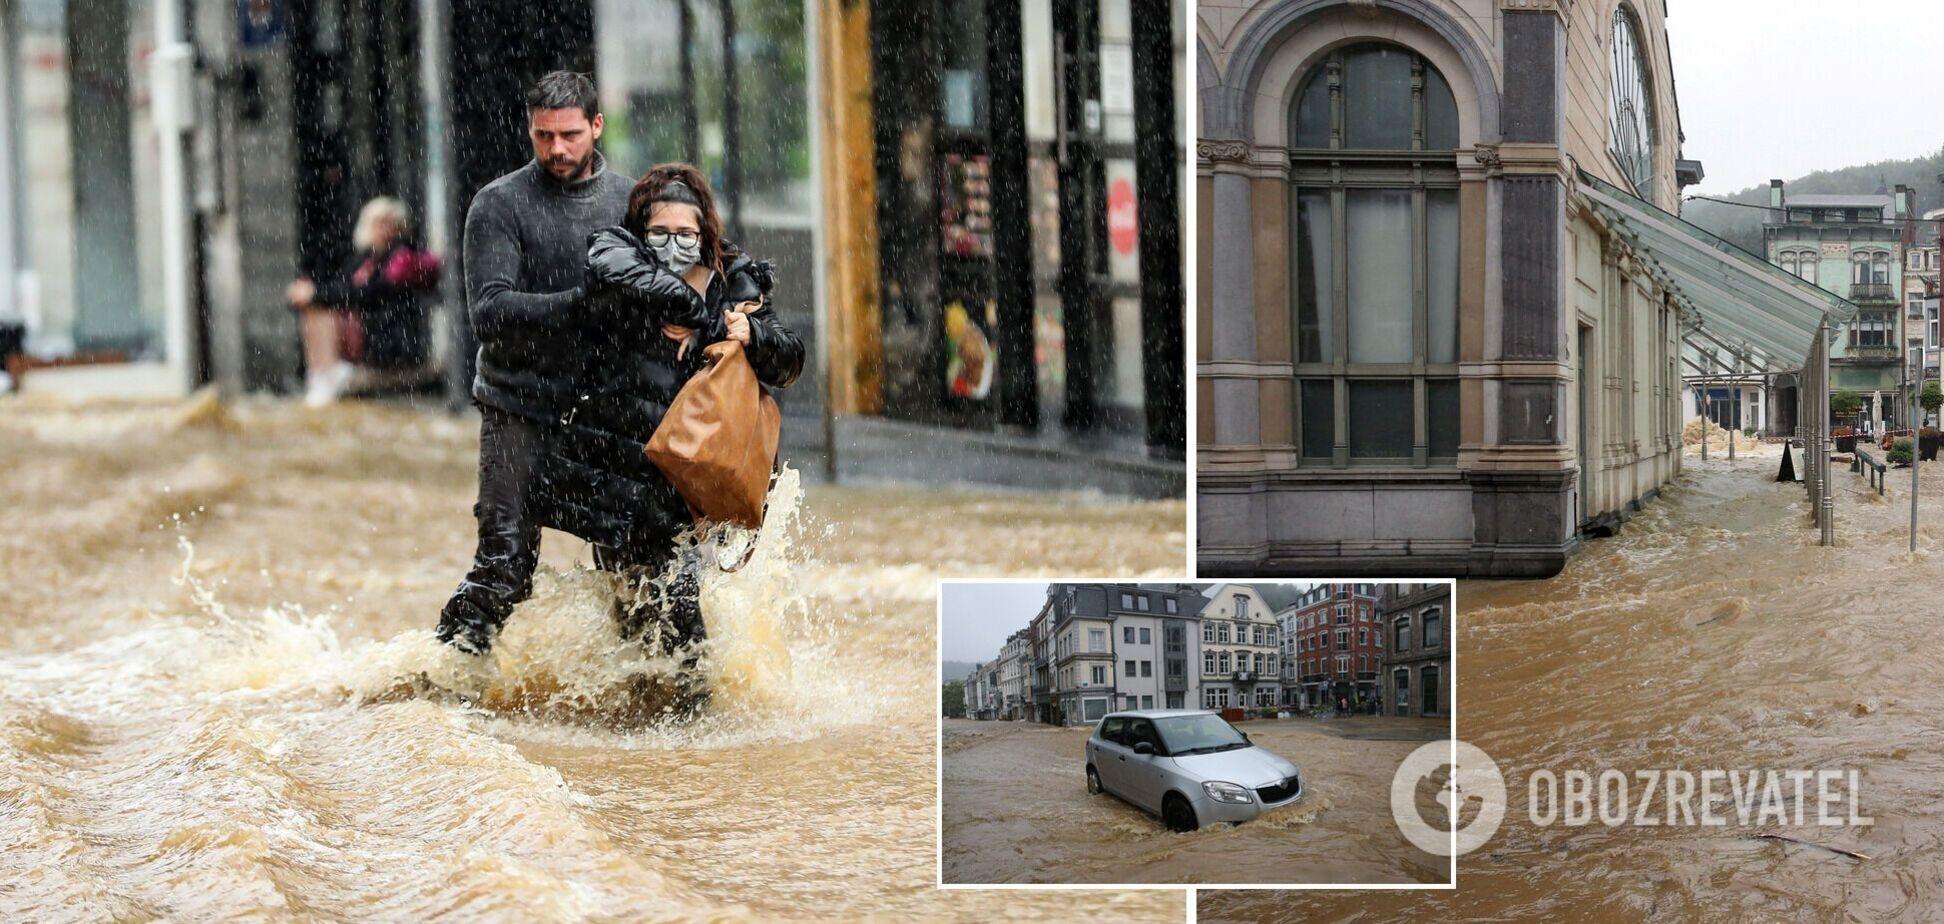 Мощные ливни вызвали потоп в Бельгии, власти проводят эвакуацию. Фото и видео